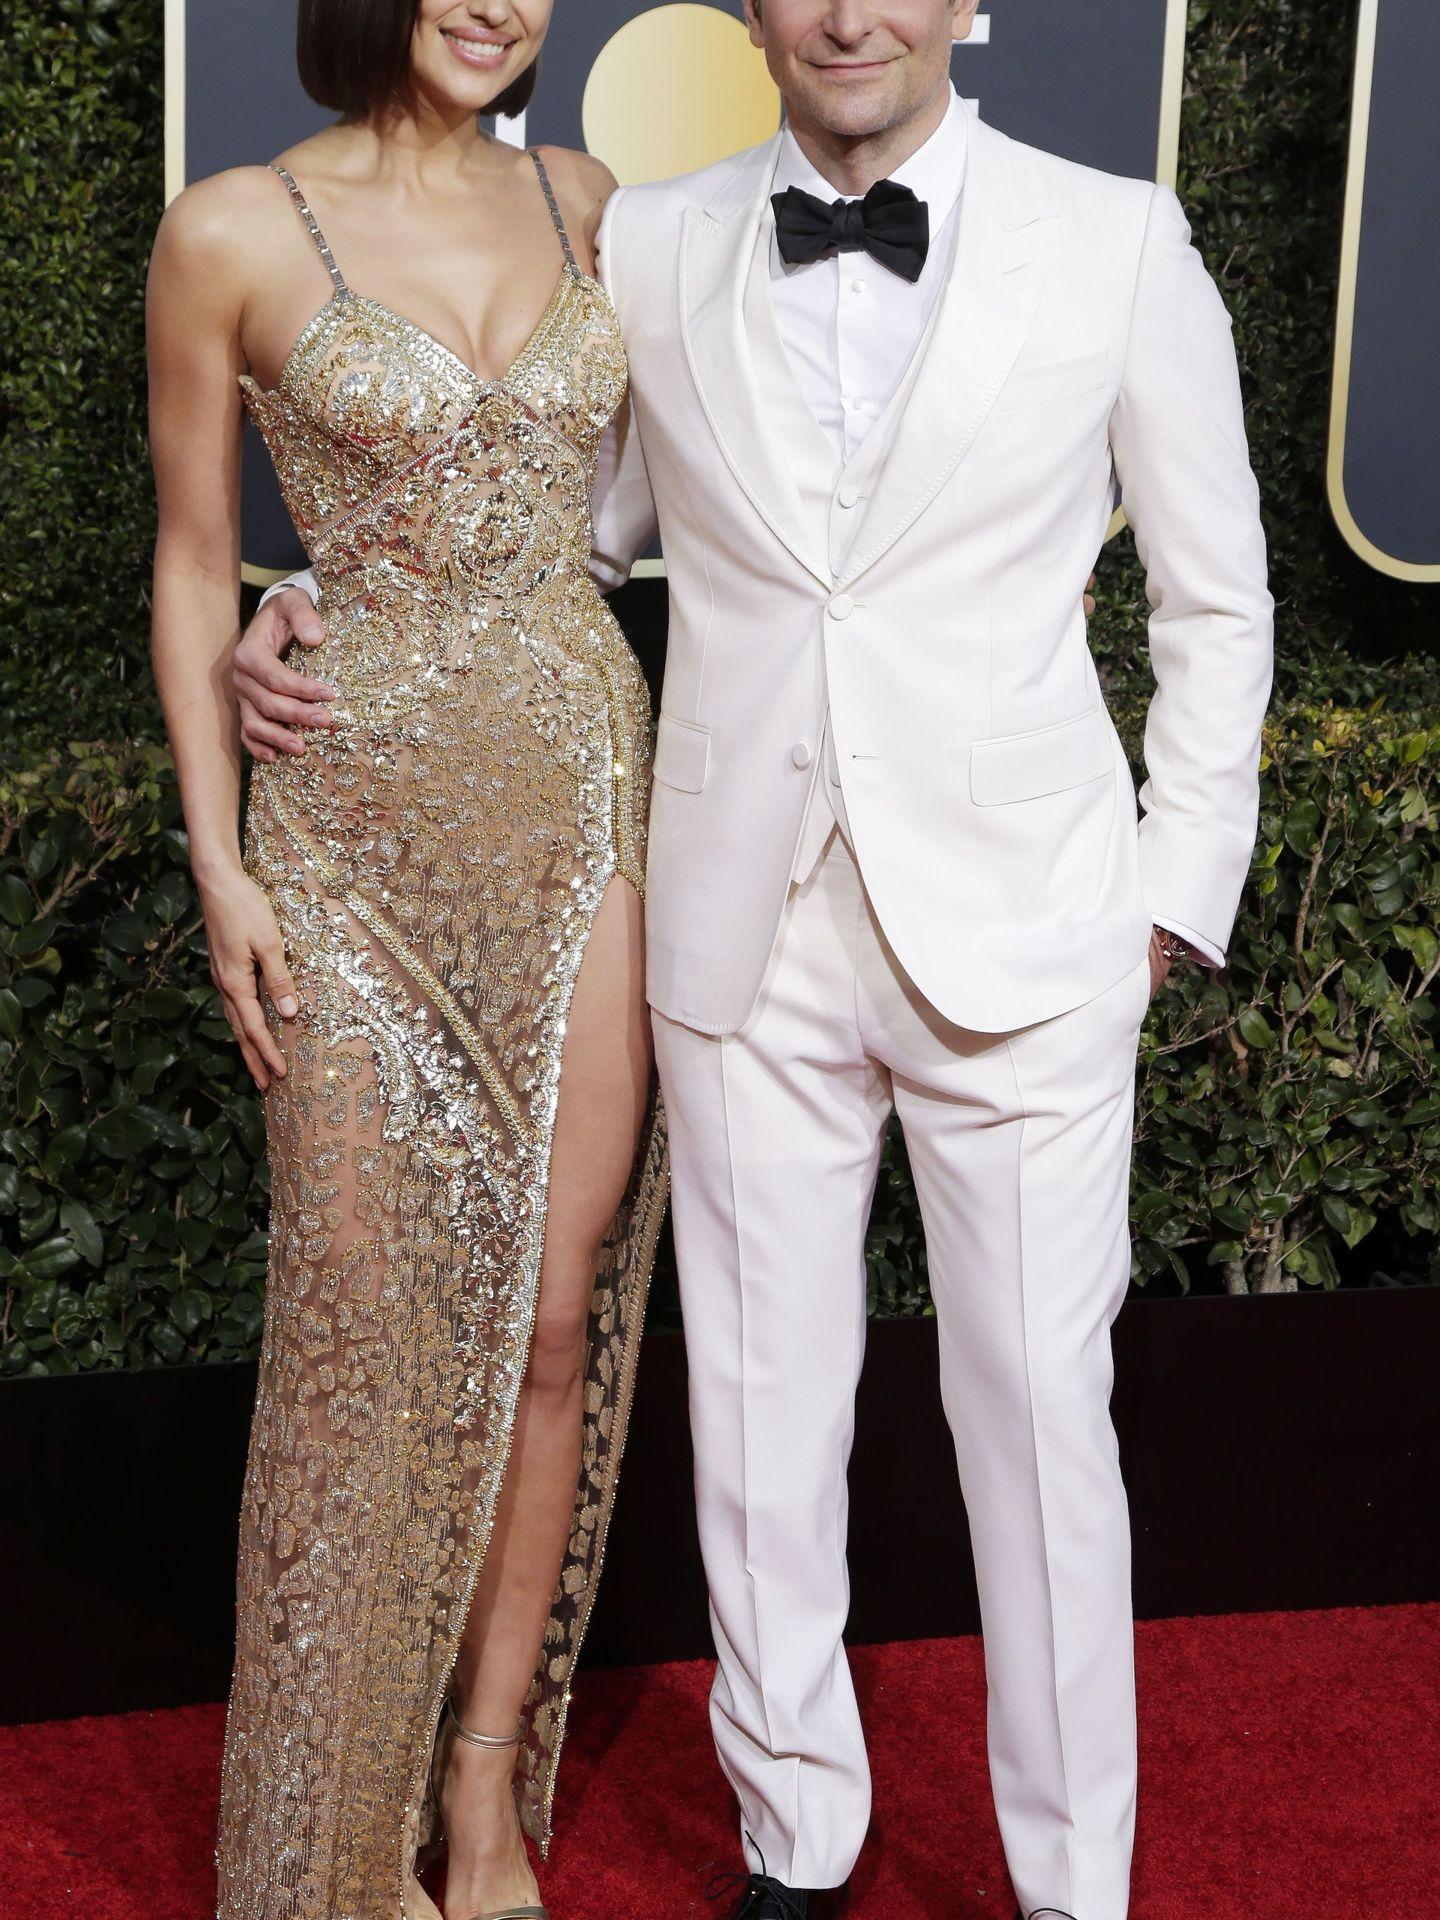 La pareja posa así de sonriente en la red carpet. Destacan su amor y complicidad, y, cómo no, el corte de pelo de Irina. (EFE EPA)